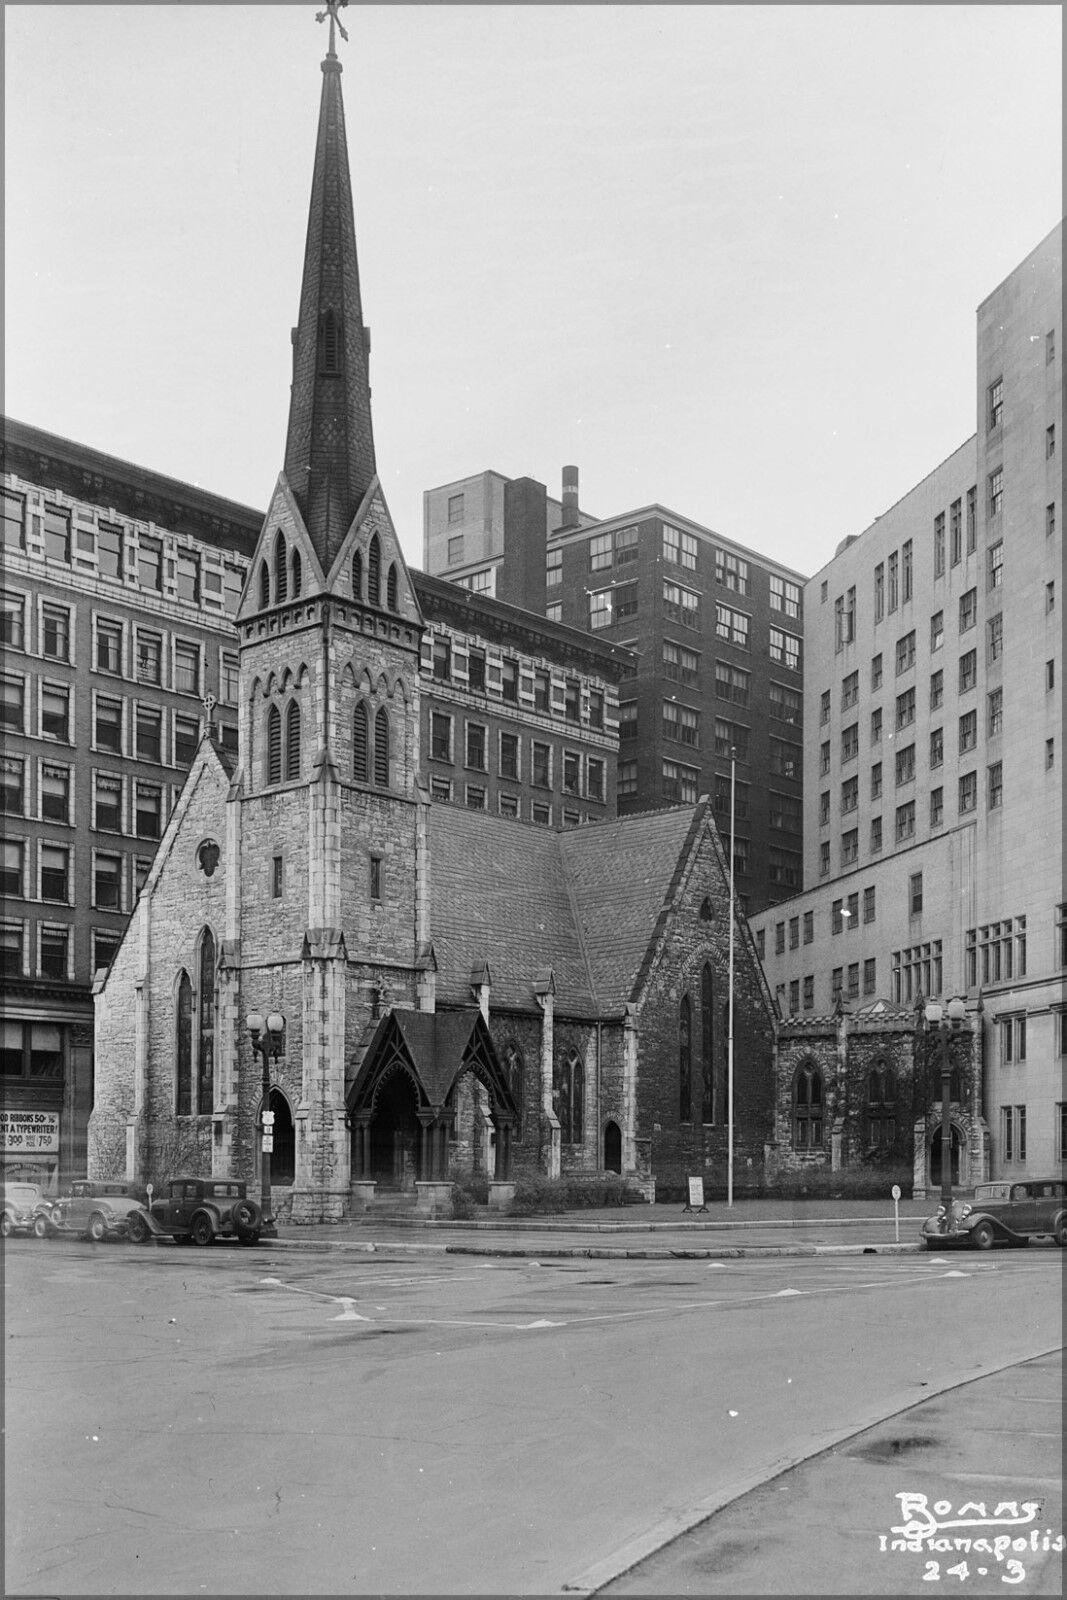 Plakat, Viele Größen; Christus Kirche Kathedrale, Befindet Sich bei 131 Monument